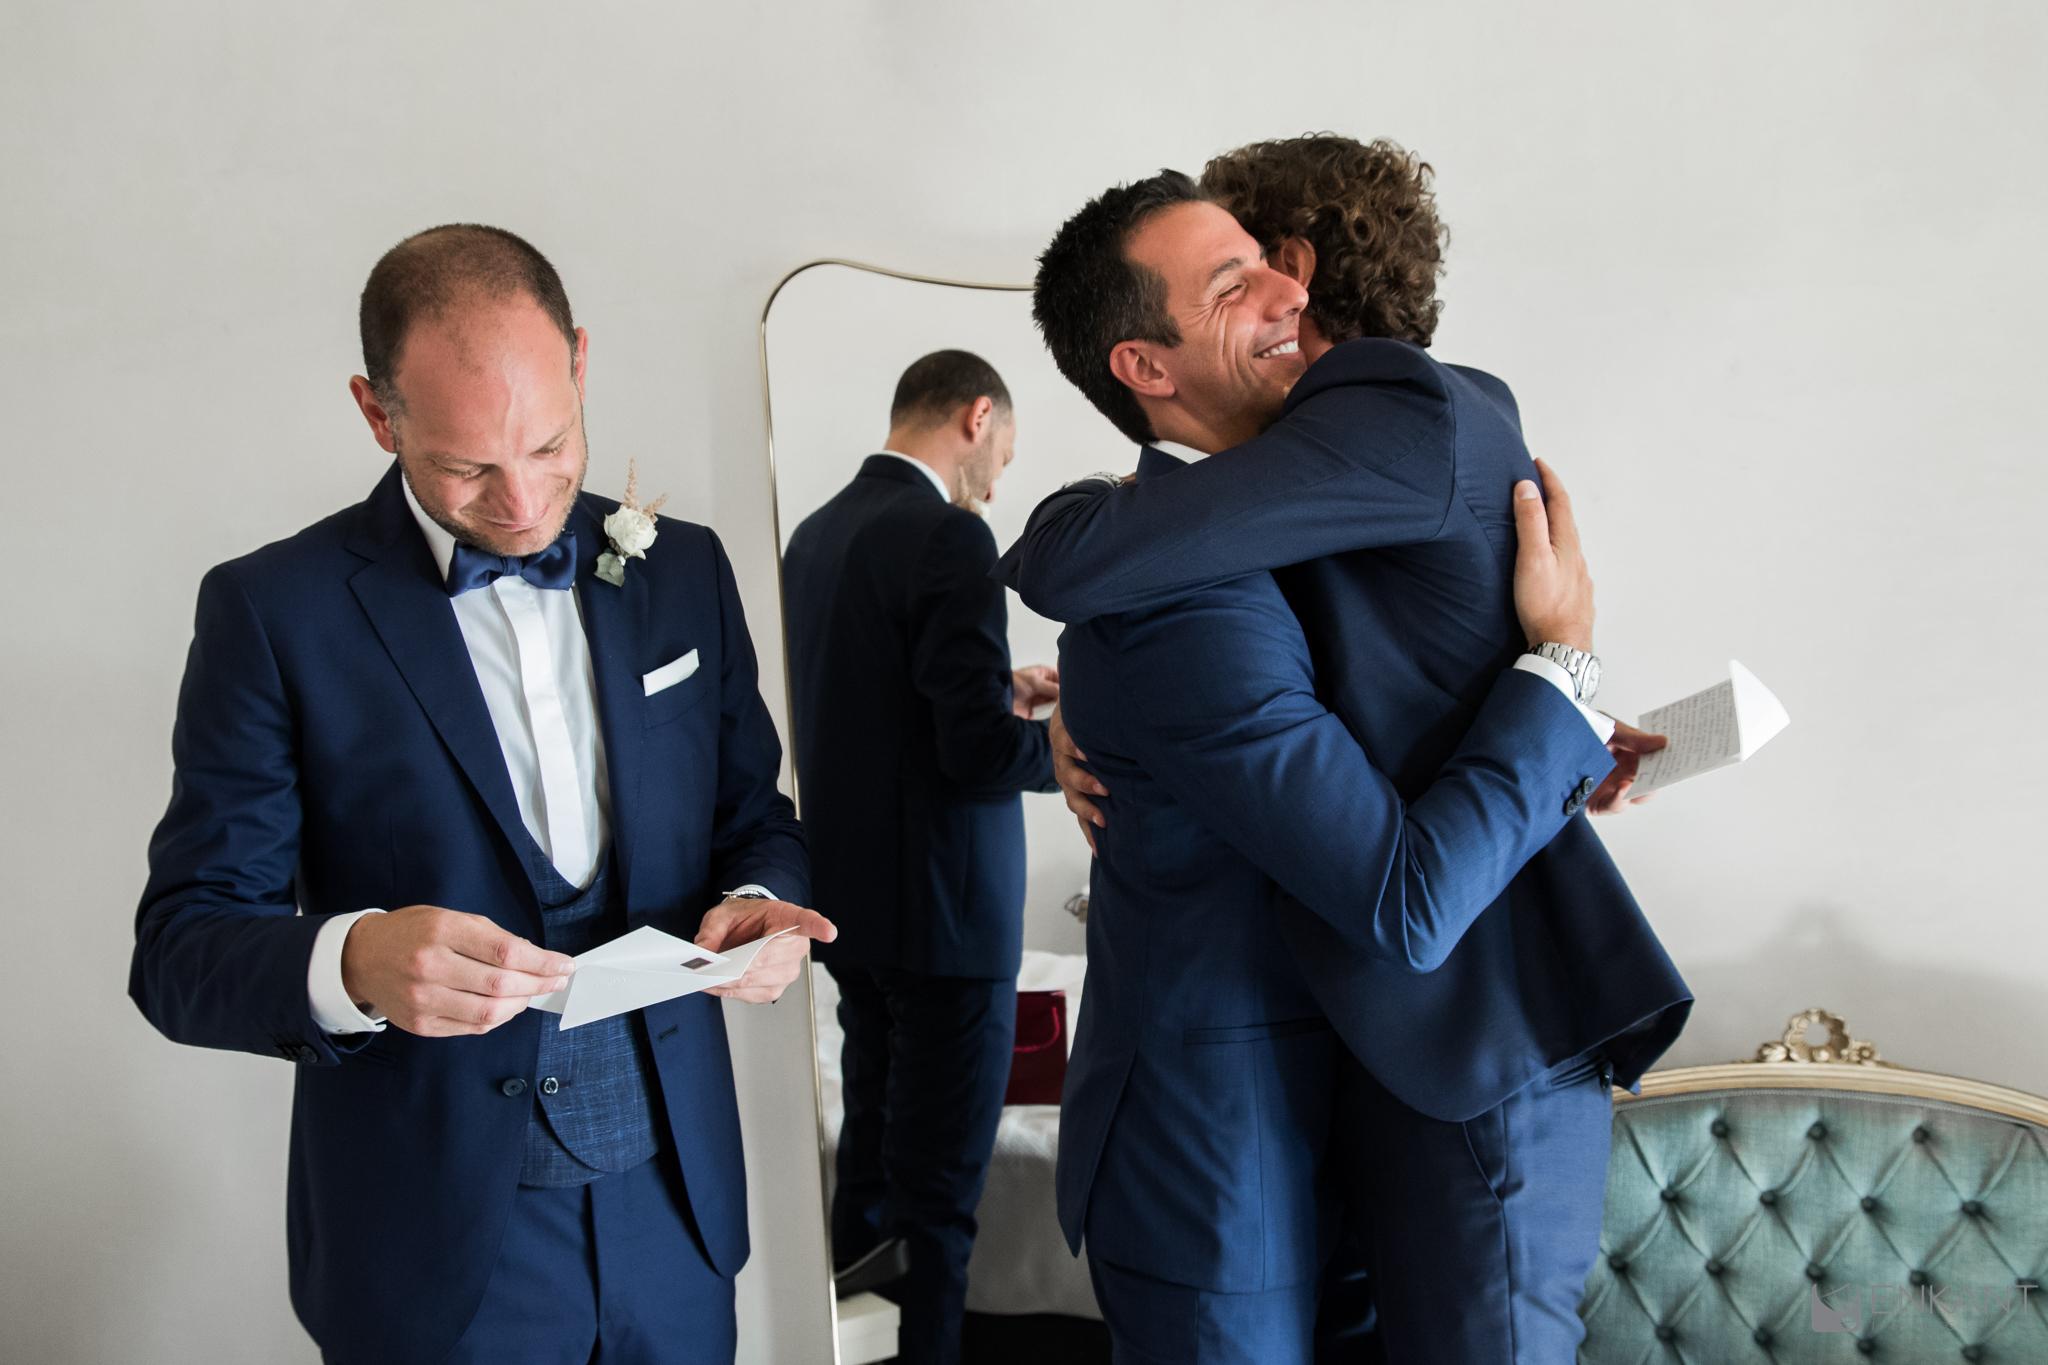 foto-matrimonio-enkant-noto-dimoradellebalze-11.jpg